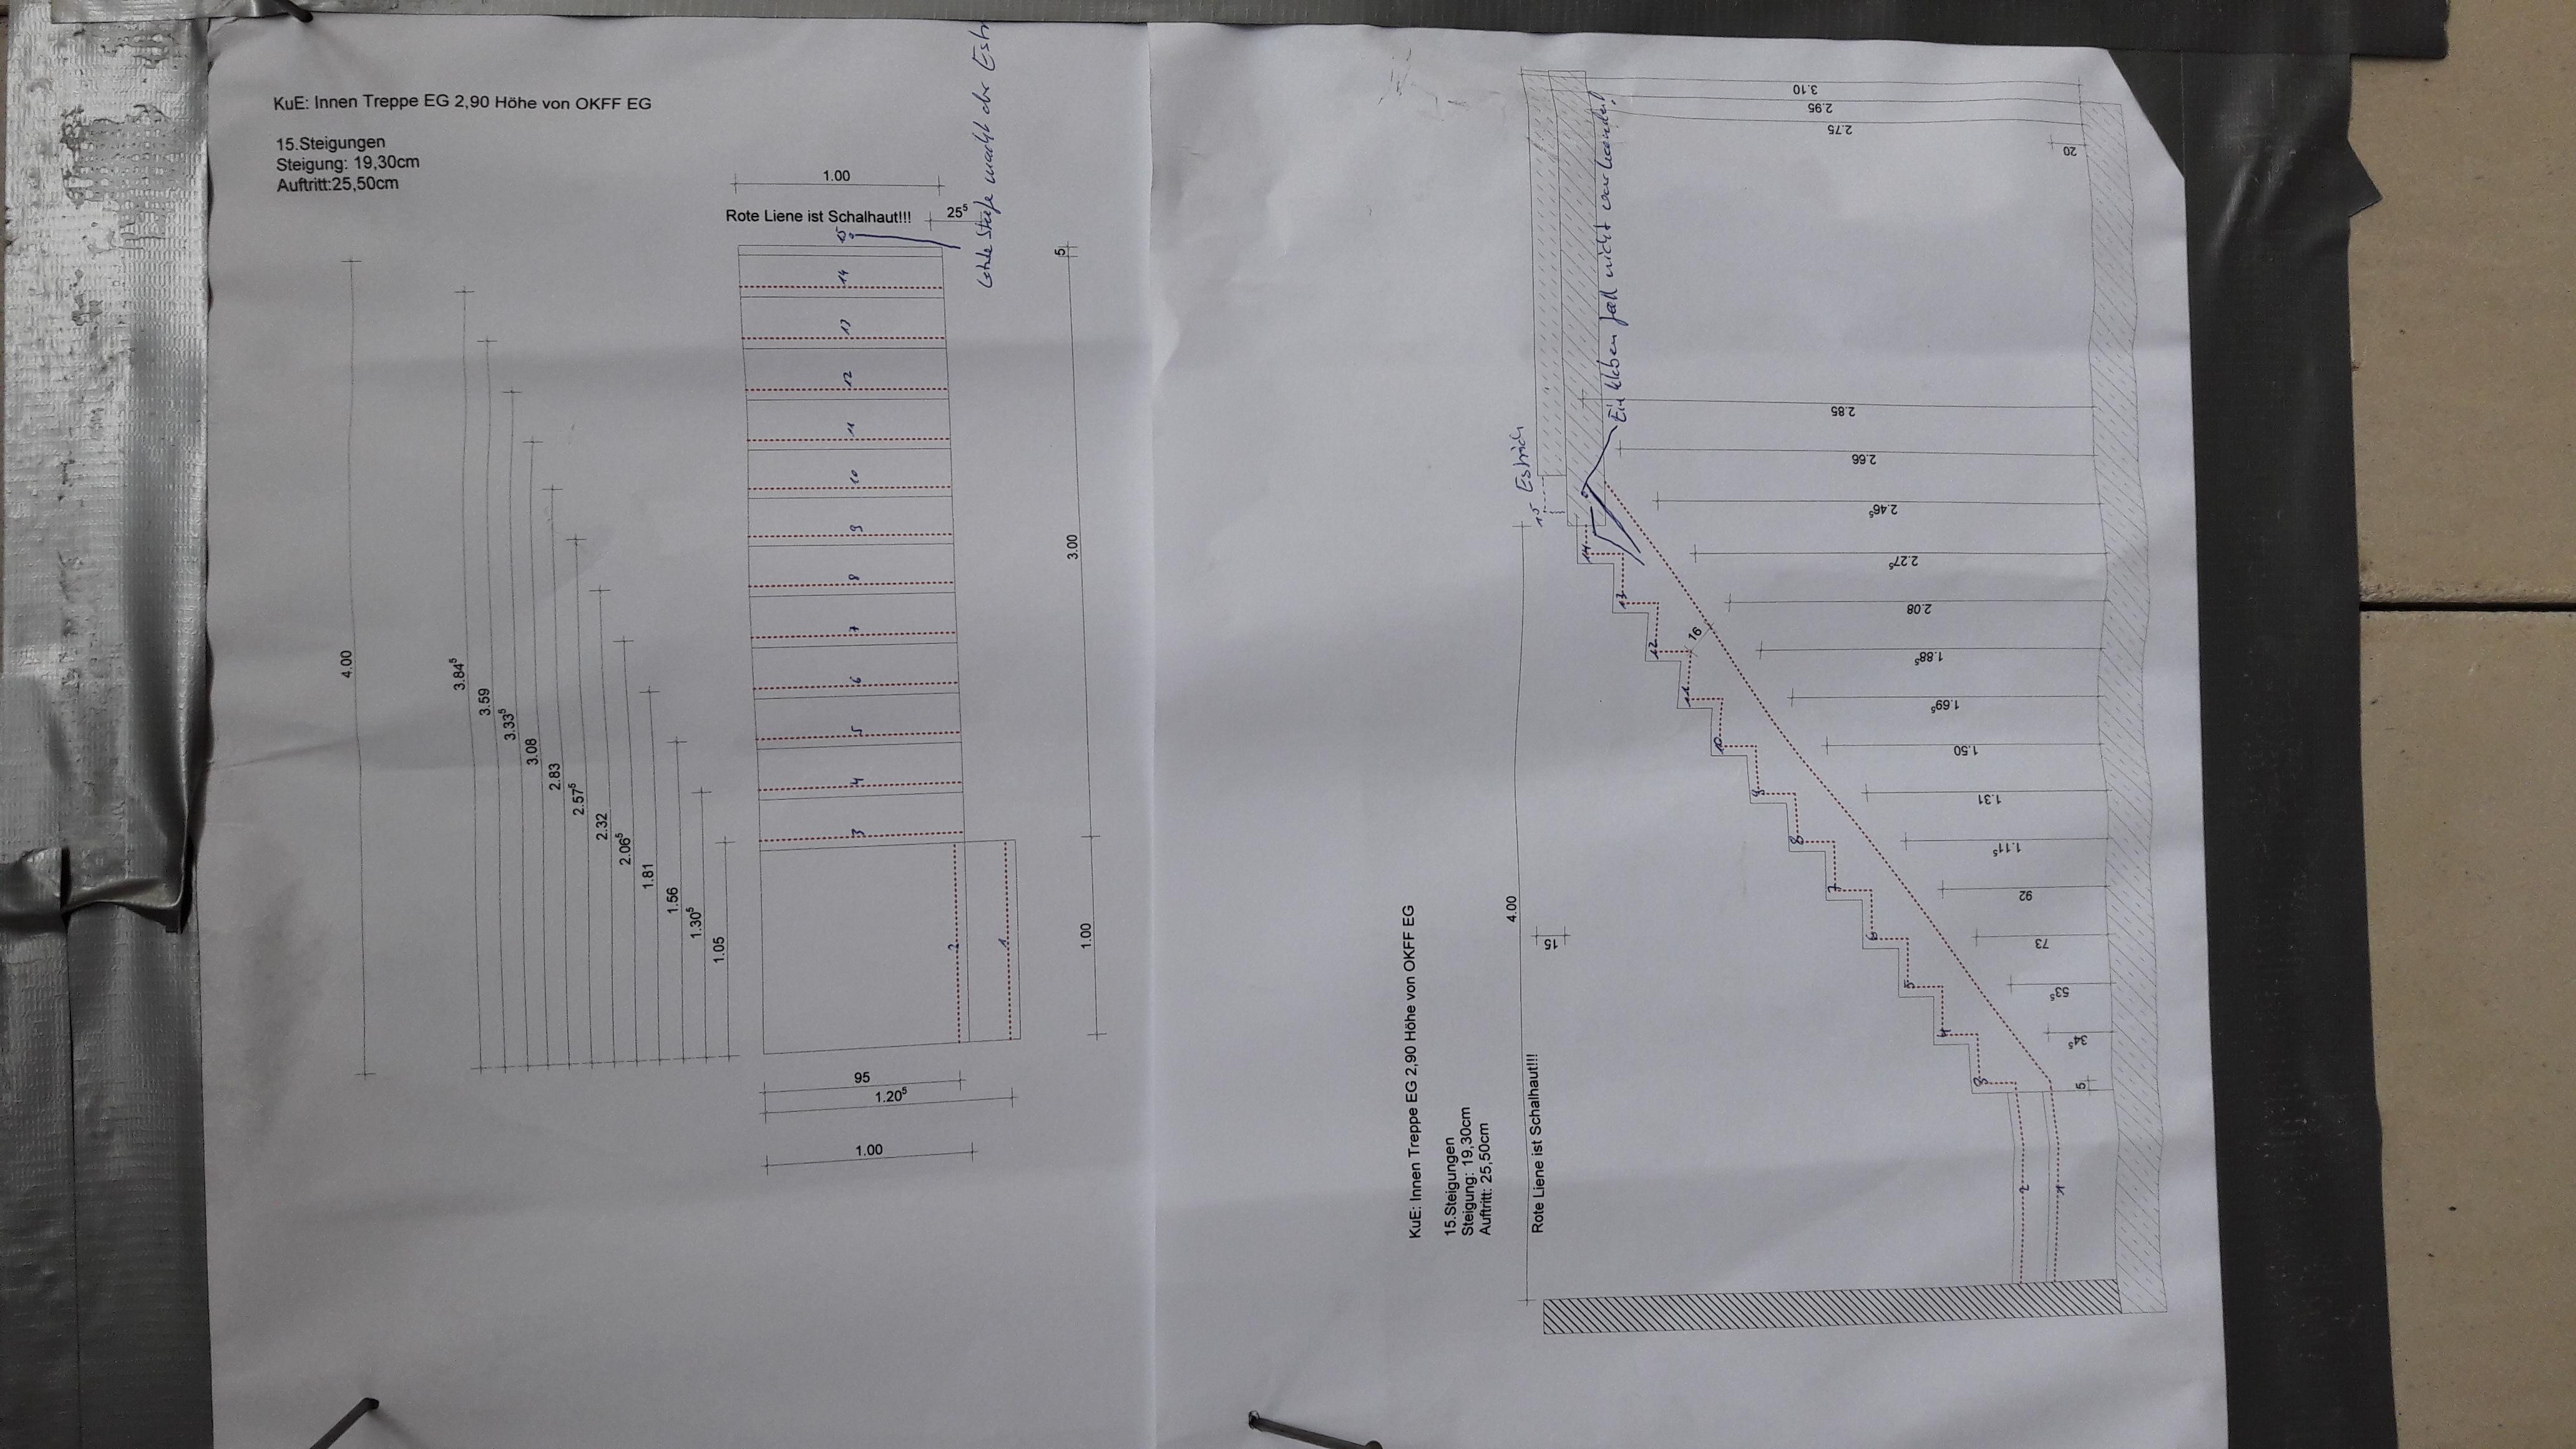 Tolle Elektronischer Schaltplanhersteller Galerie - Der Schaltplan ...